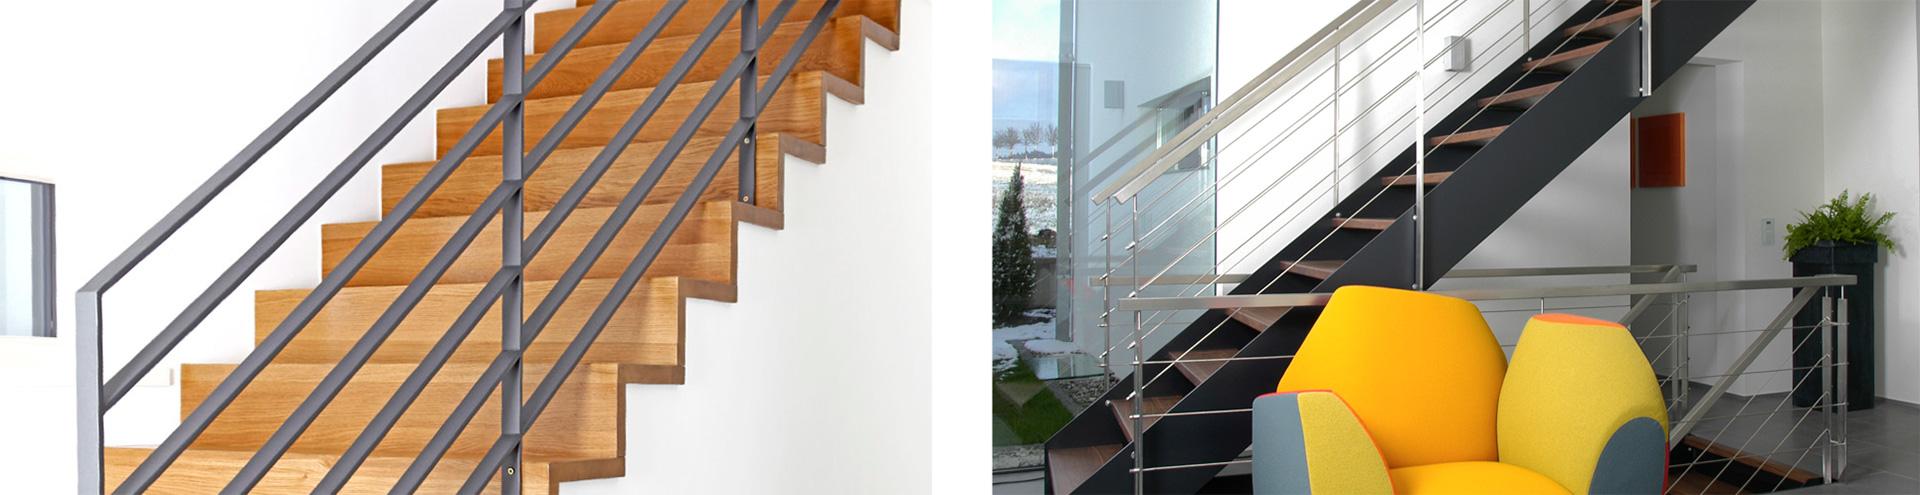 kliegl treppenbau | finden sie treppenbauer für ihre persönliche treppe